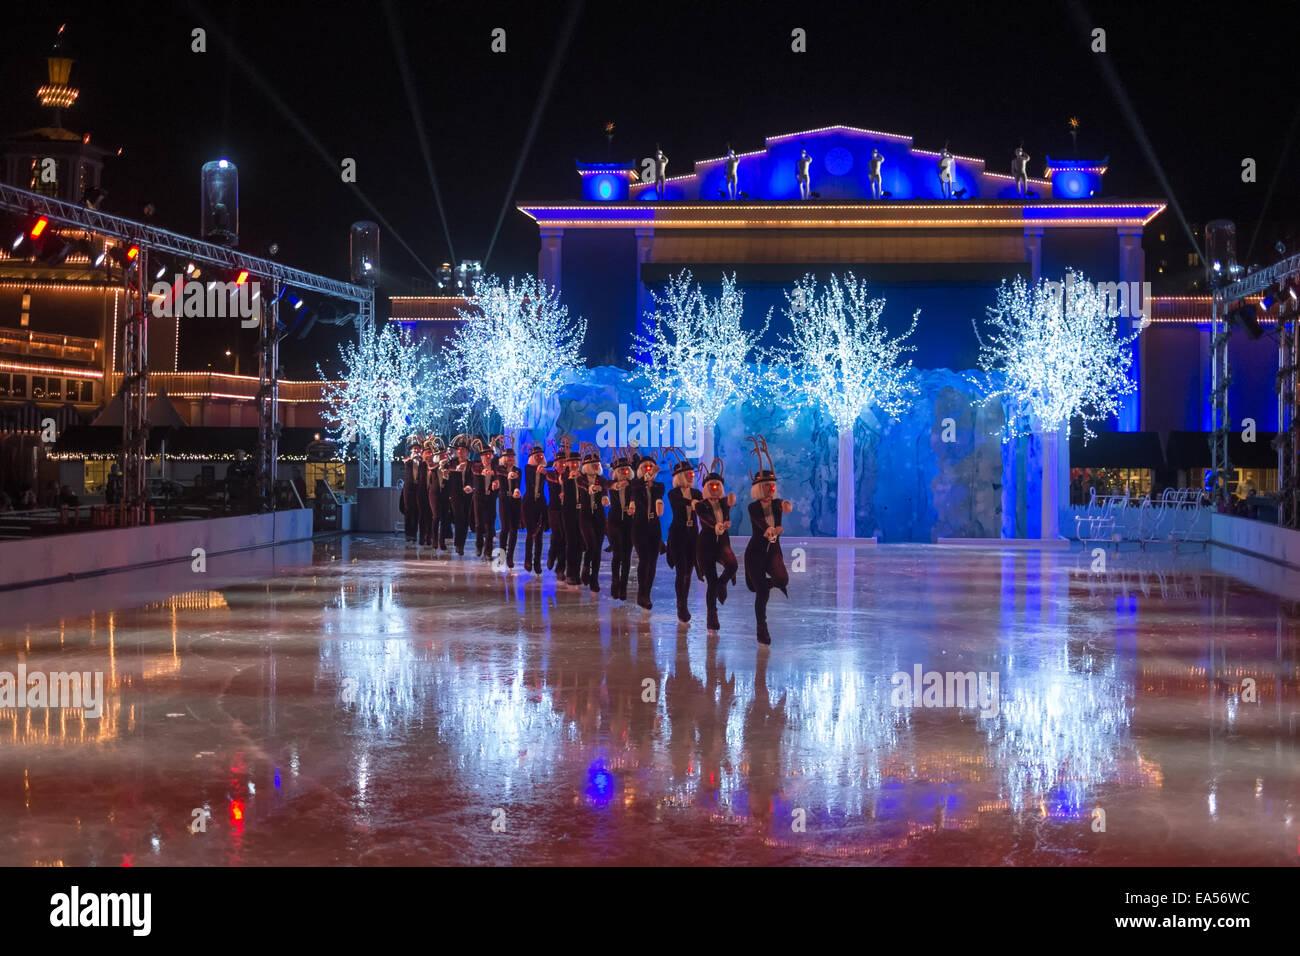 Die Eis-Show auf der Eisbahn beim Weihnachtsmarkt in Liseberg in Göteborg, Schweden. Stockbild